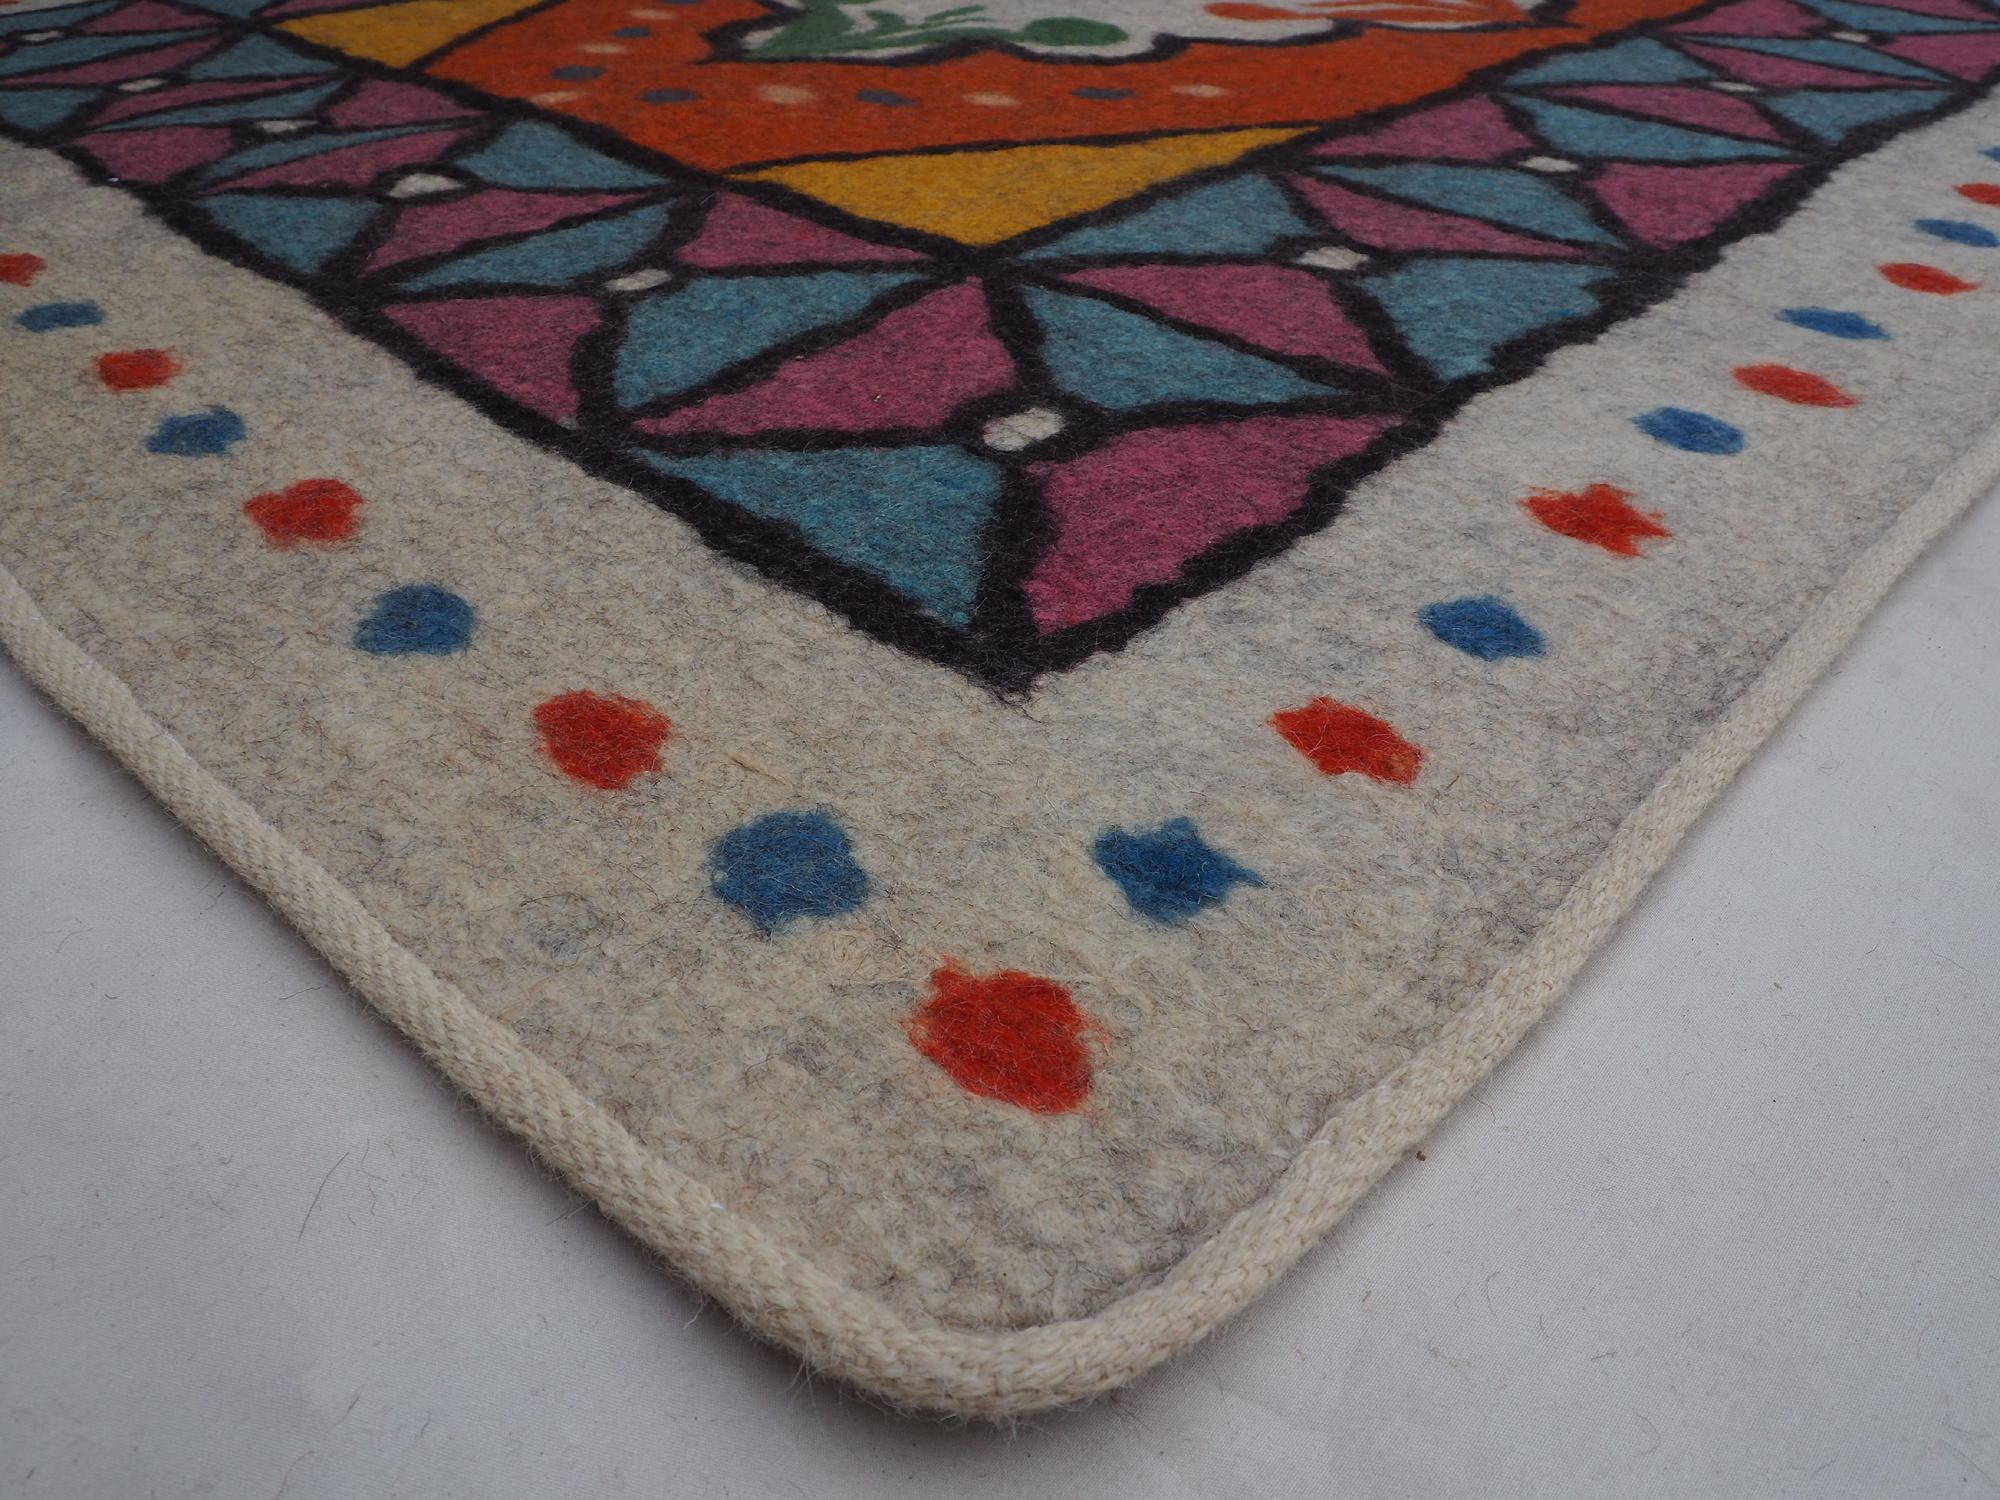 202x149 cm orient handgewebte Teppich Nomaden handgearbeitete Turkmenische nomanden Jurten Filzteppich Filz aus Nor Afghanistan shyrdak N697